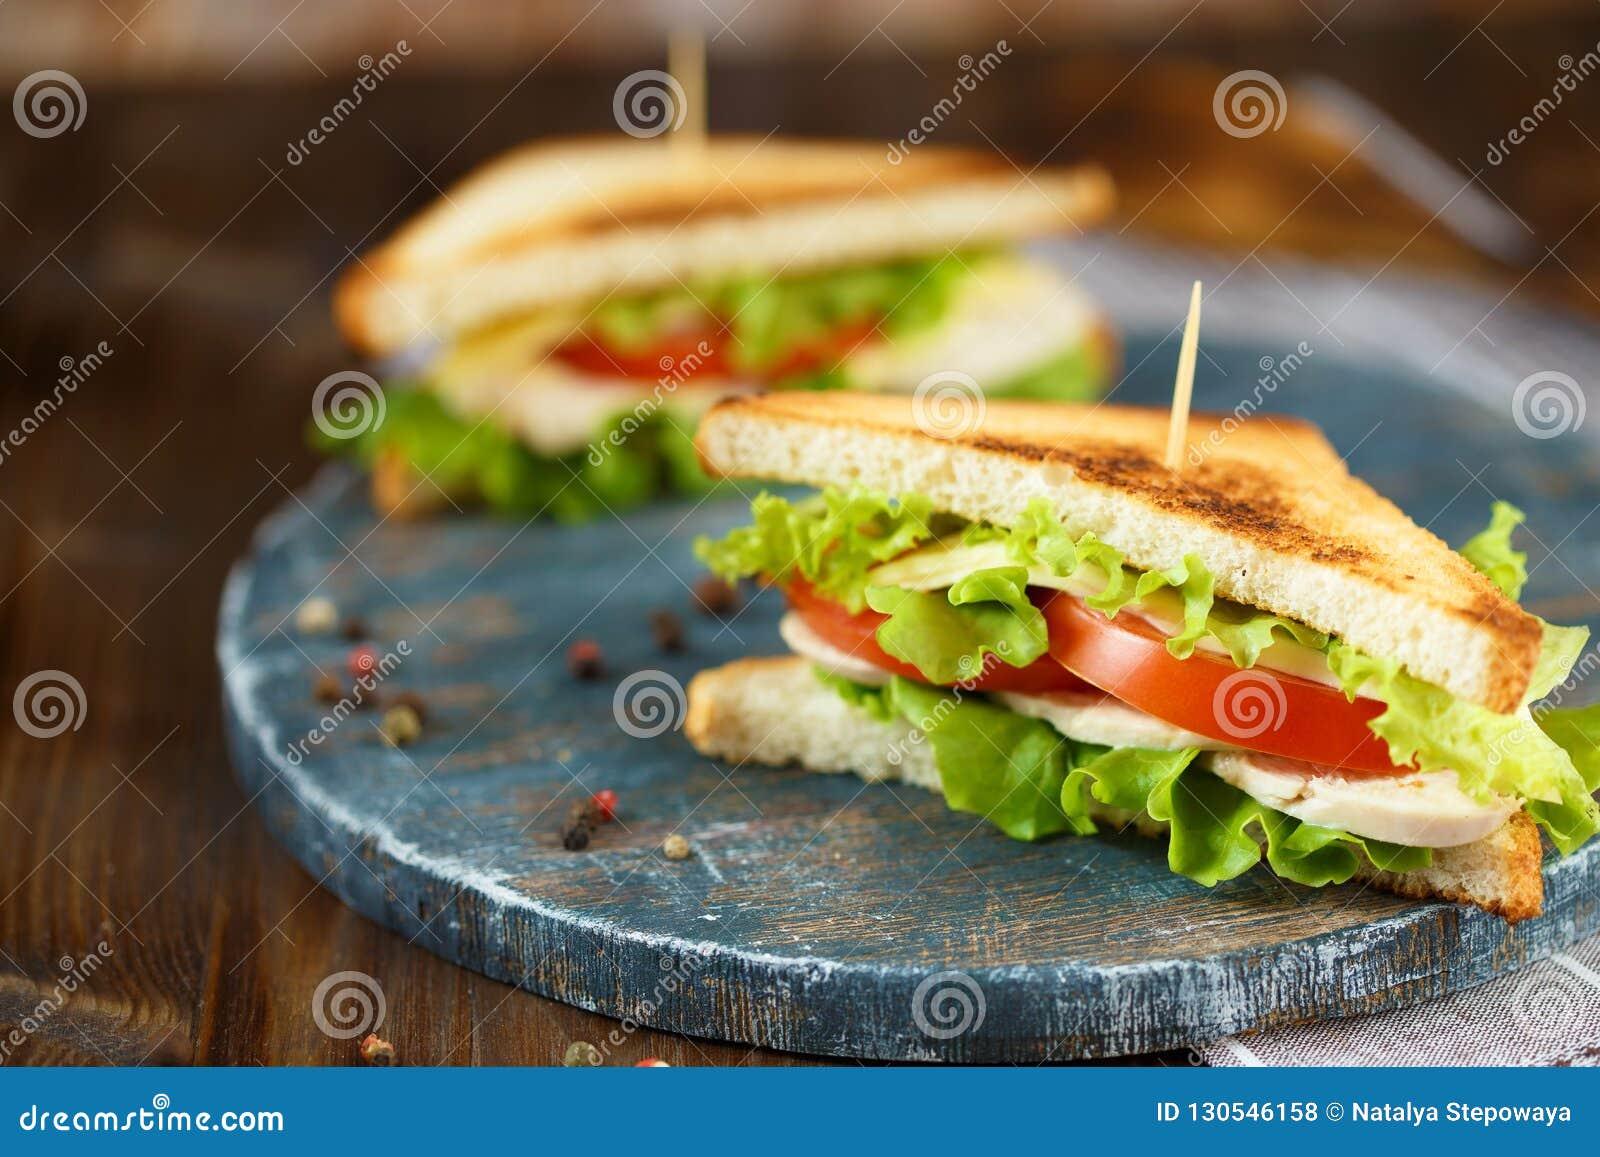 Sanduíche dois saboroso com galinha, tomates, alface, queijo em uma placa de madeira em um fundo escuro